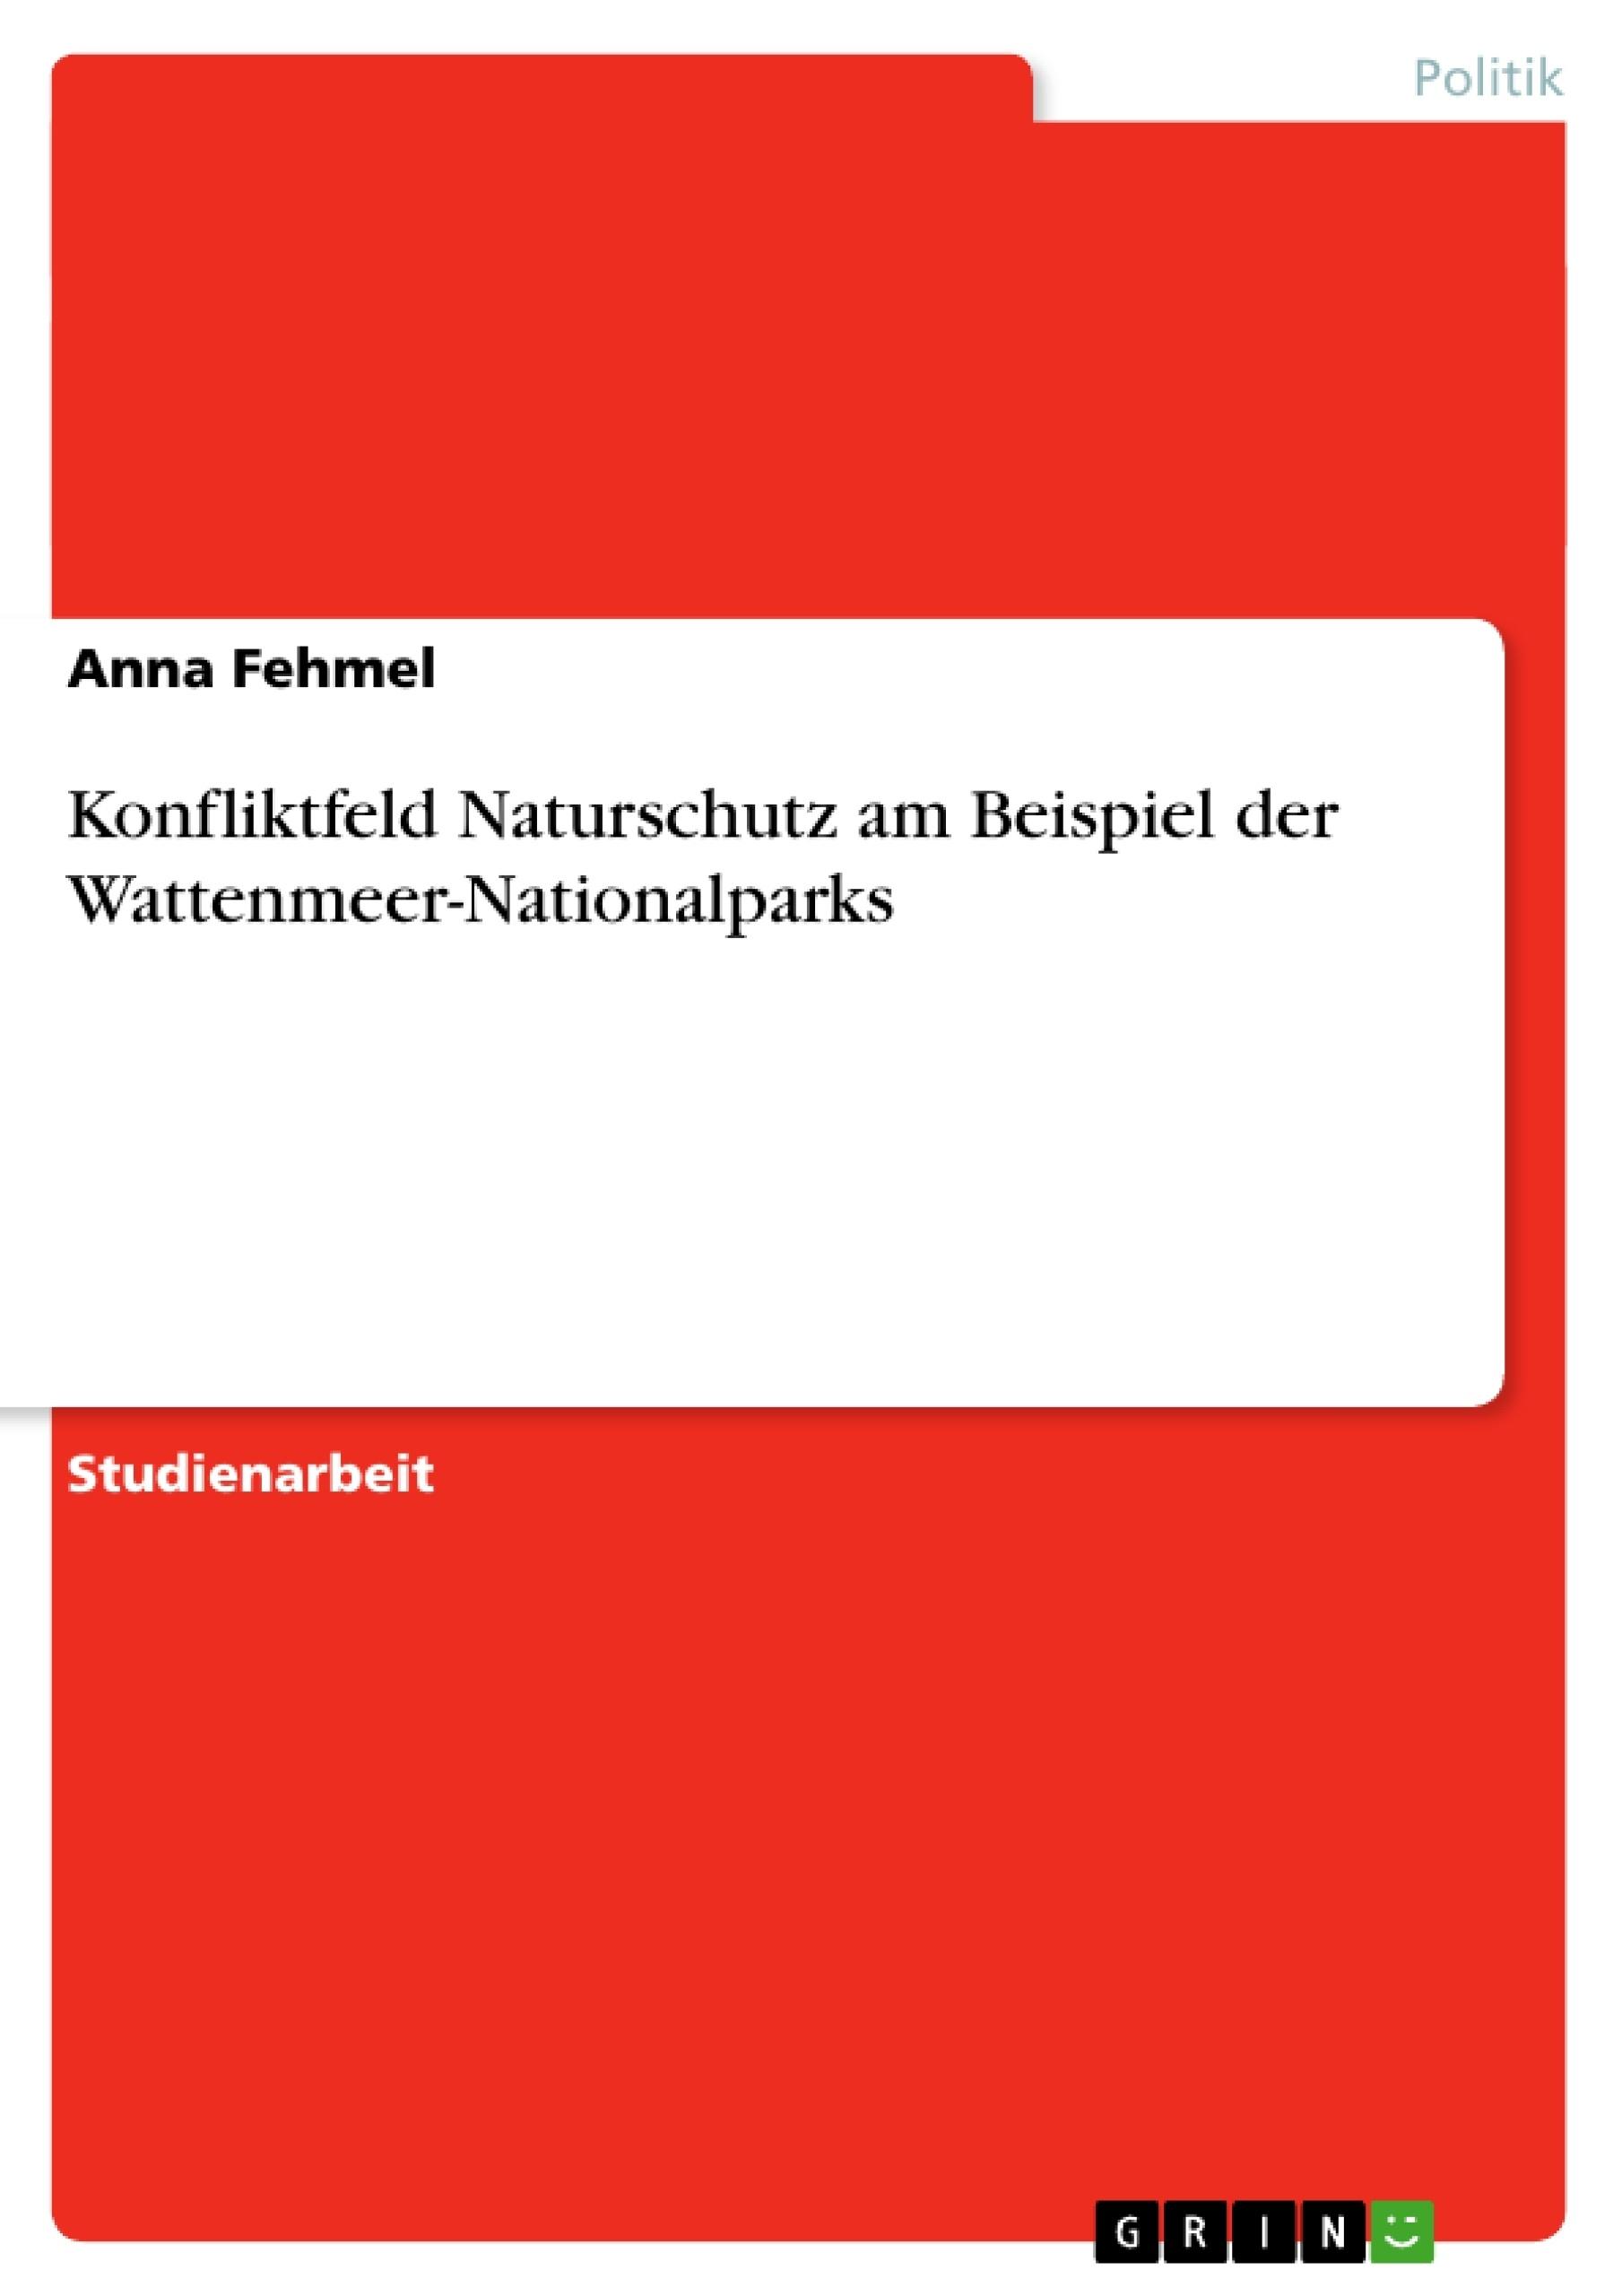 Titel: Konfliktfeld Naturschutz am Beispiel der Wattenmeer-Nationalparks